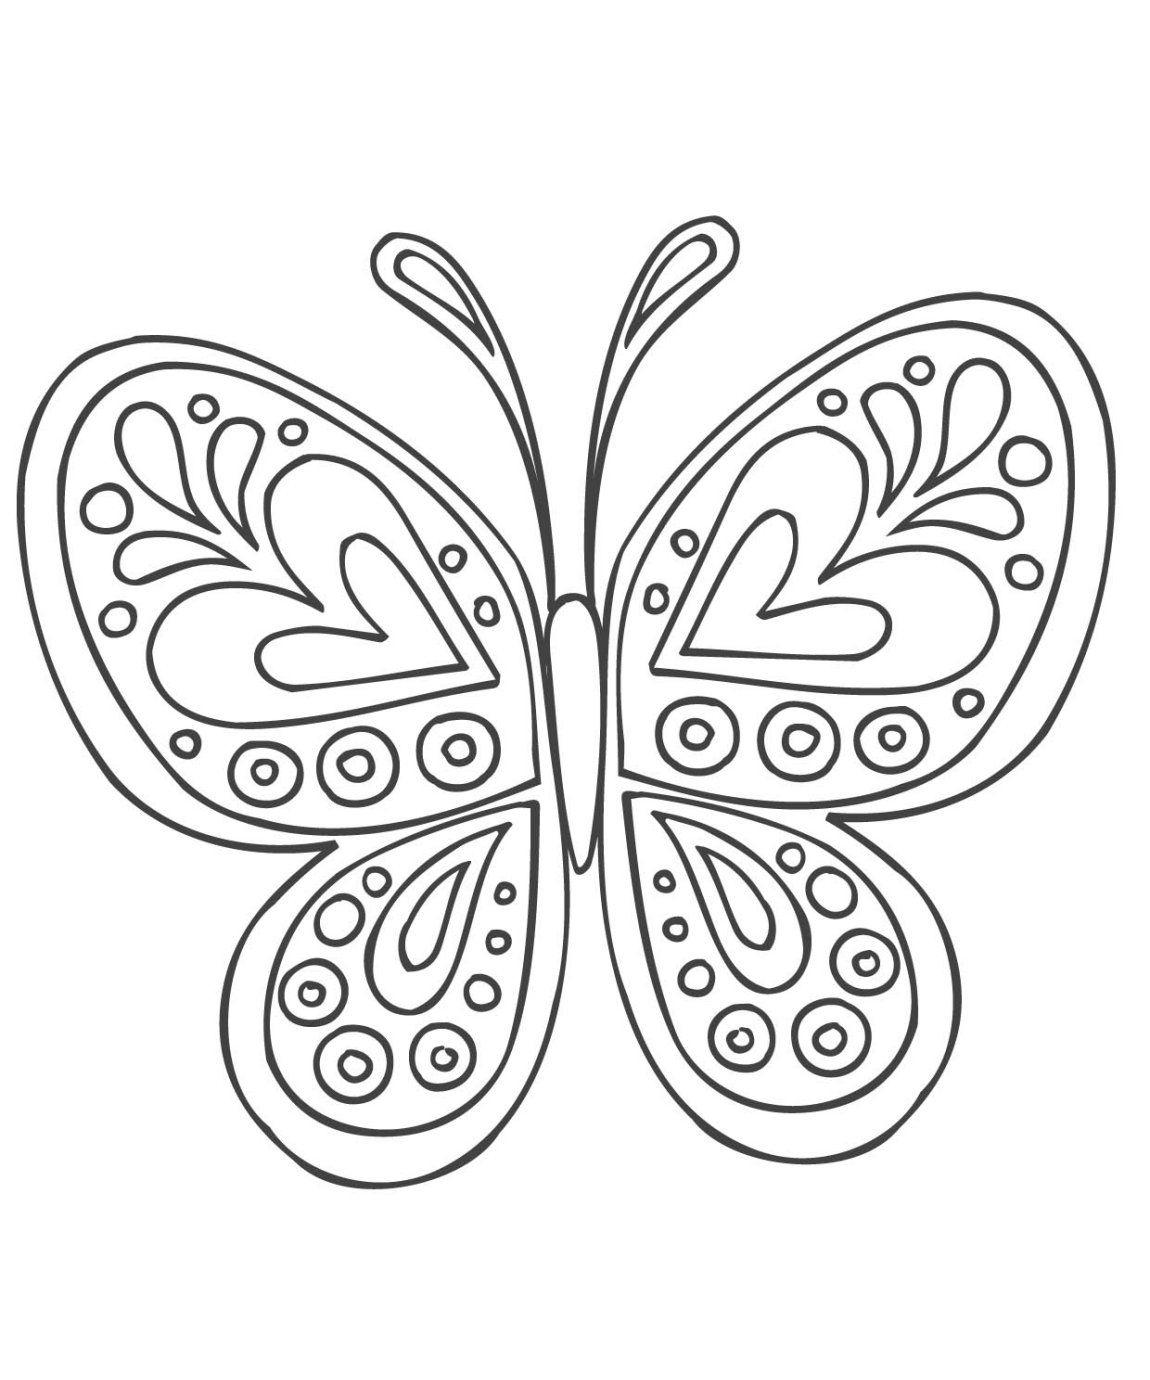 Stci, Coloriage Pour Adultes Et Enfants Mandalas | Coloriage concernant Dessin Papillon À Colorier